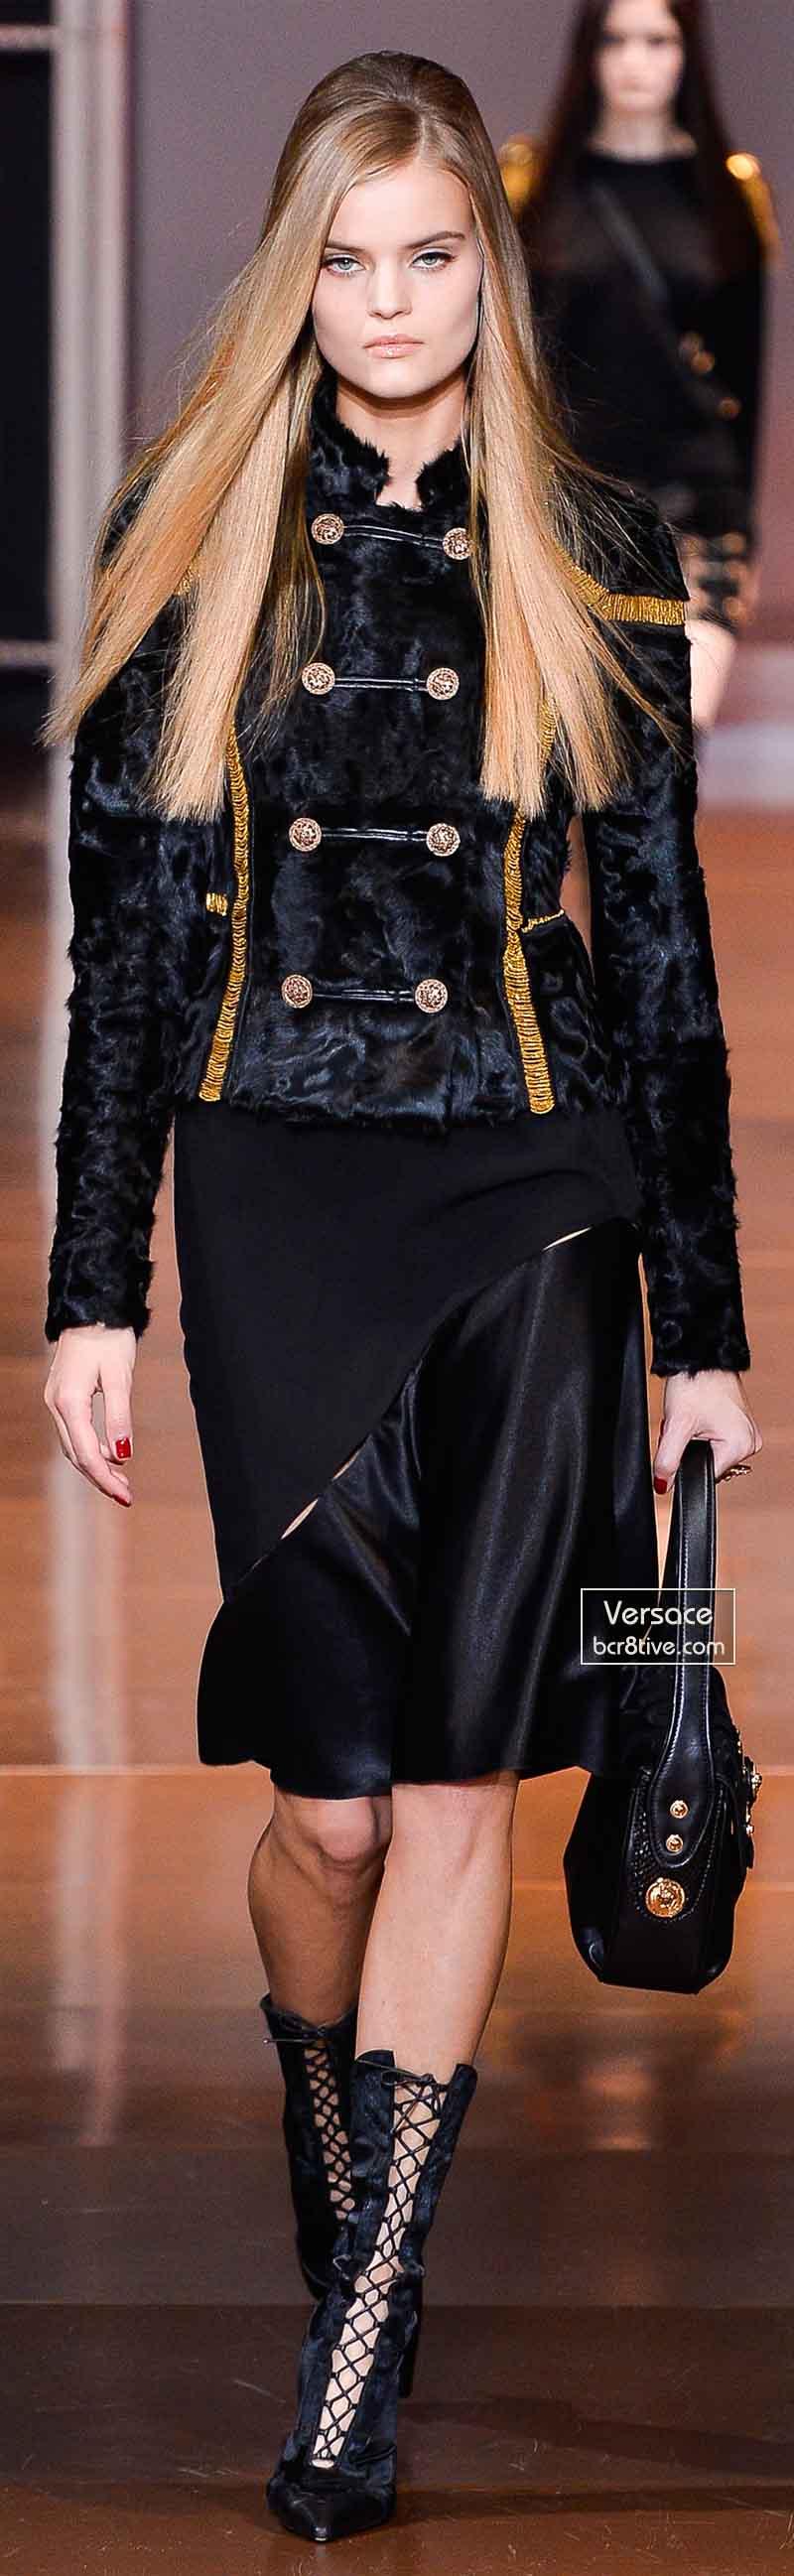 Versace Fall 2014 - Kate Grigorieva